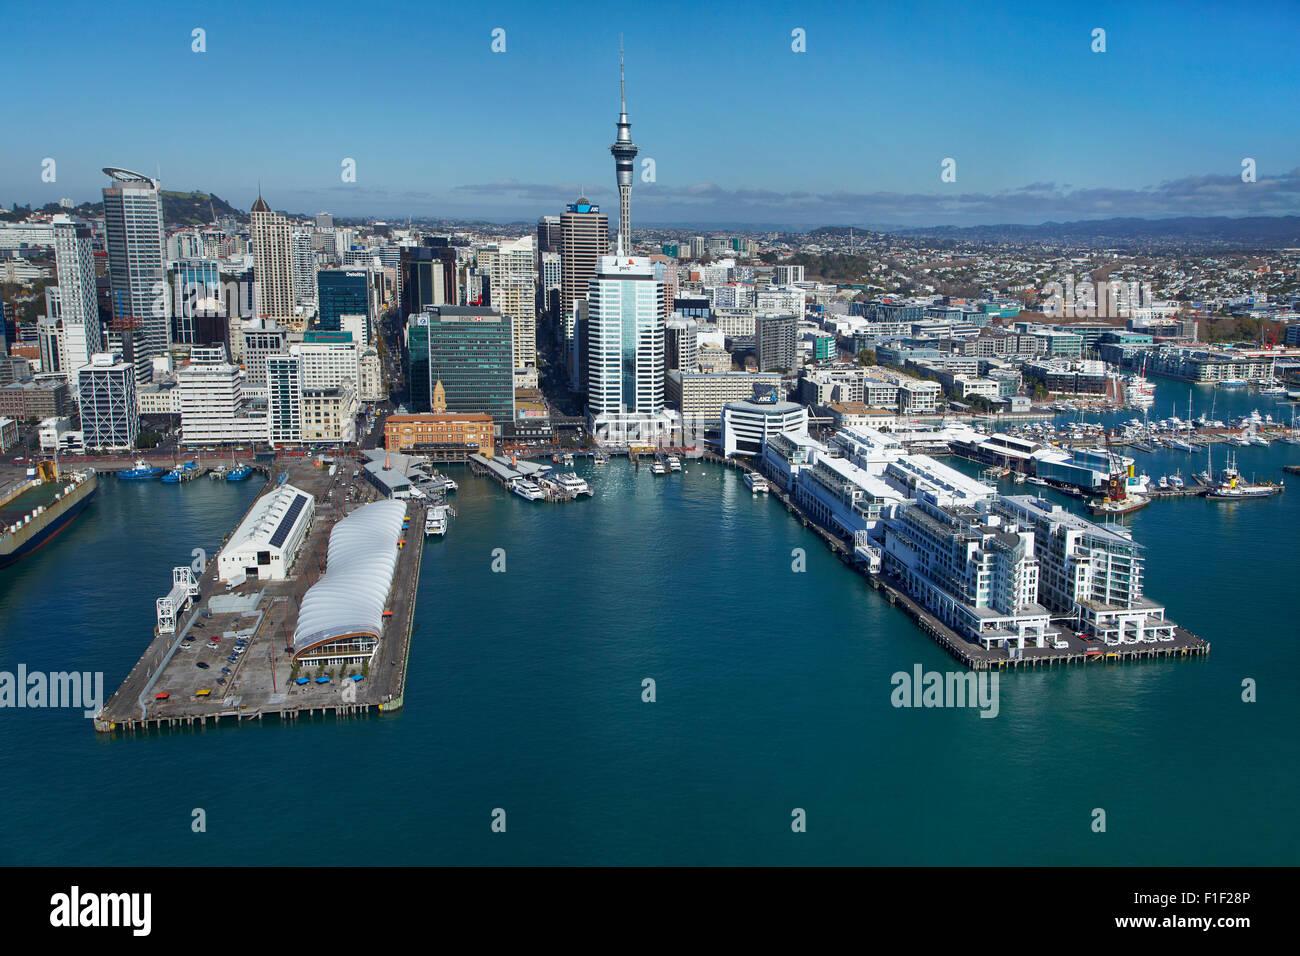 L 'Nuage' Evénements lieu, Queen's Wharf, le terminal des ferries, Sky Tower, et Hilton Hotel, Auckland waterfront, Banque D'Images